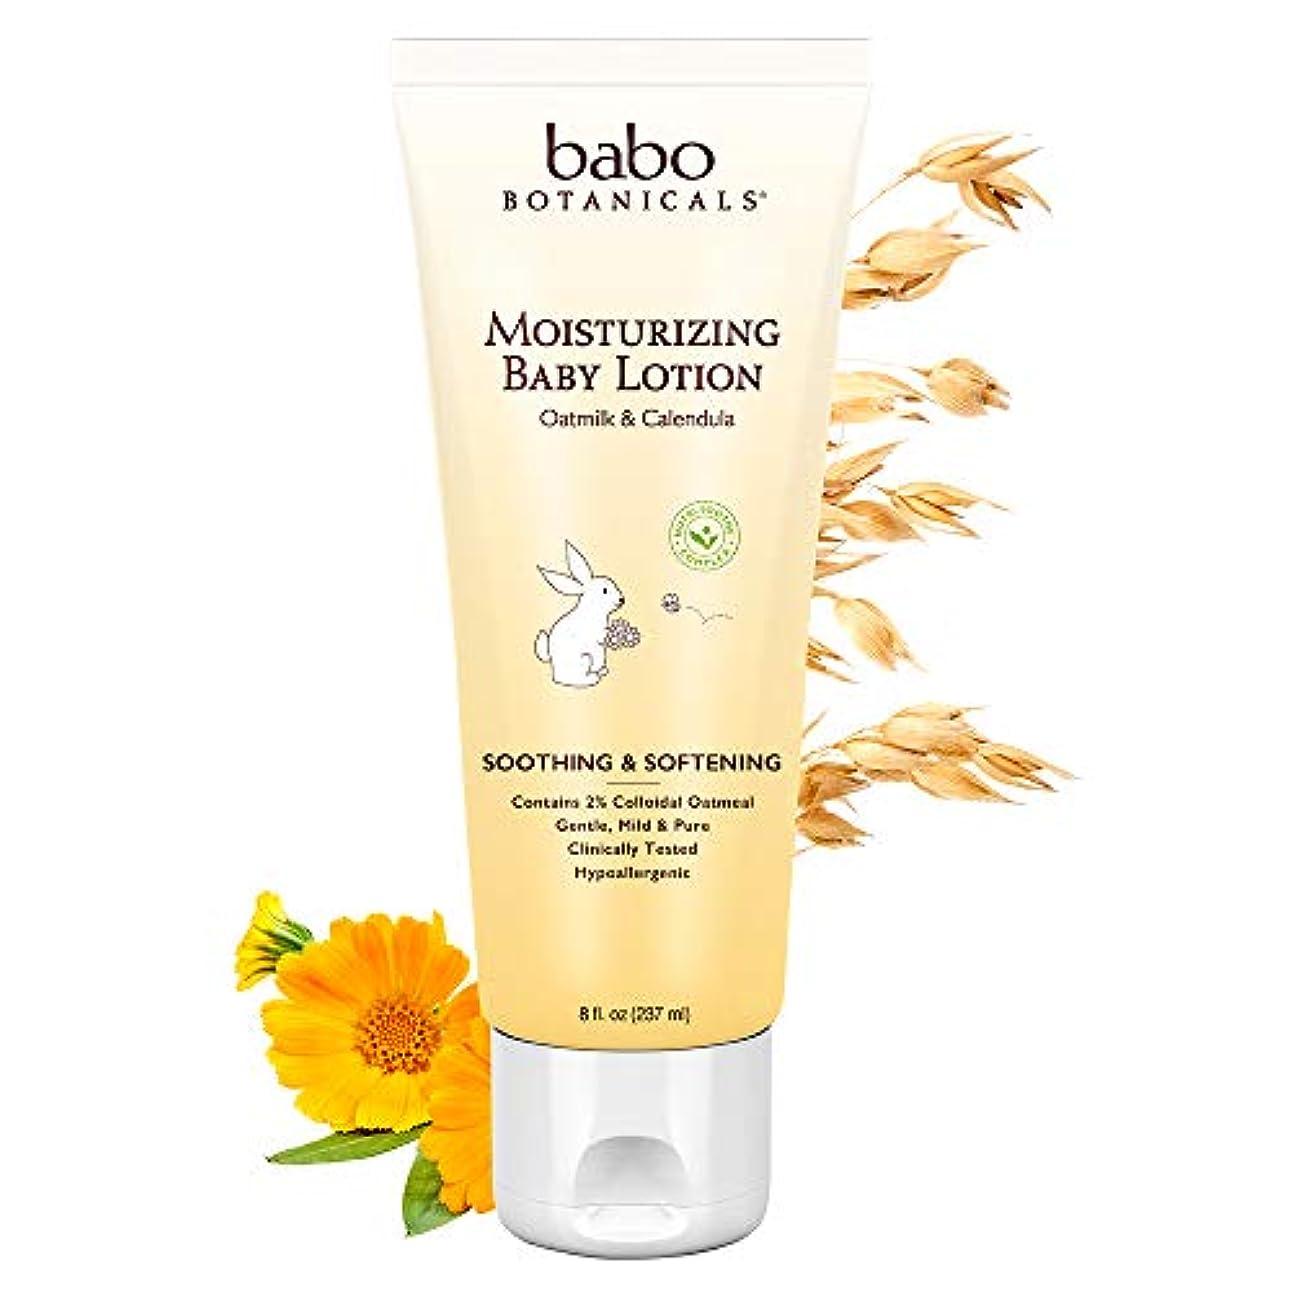 保存大通り城Babo Botanicals Oatmilkカレンデュラ保湿ベビーローション、 - スージング敏感肌のためのベストのベビーローション。アトピー性皮膚炎を和らげるのに役立ちます。ナチュラルオーツとオーガニックカレンデュラ...